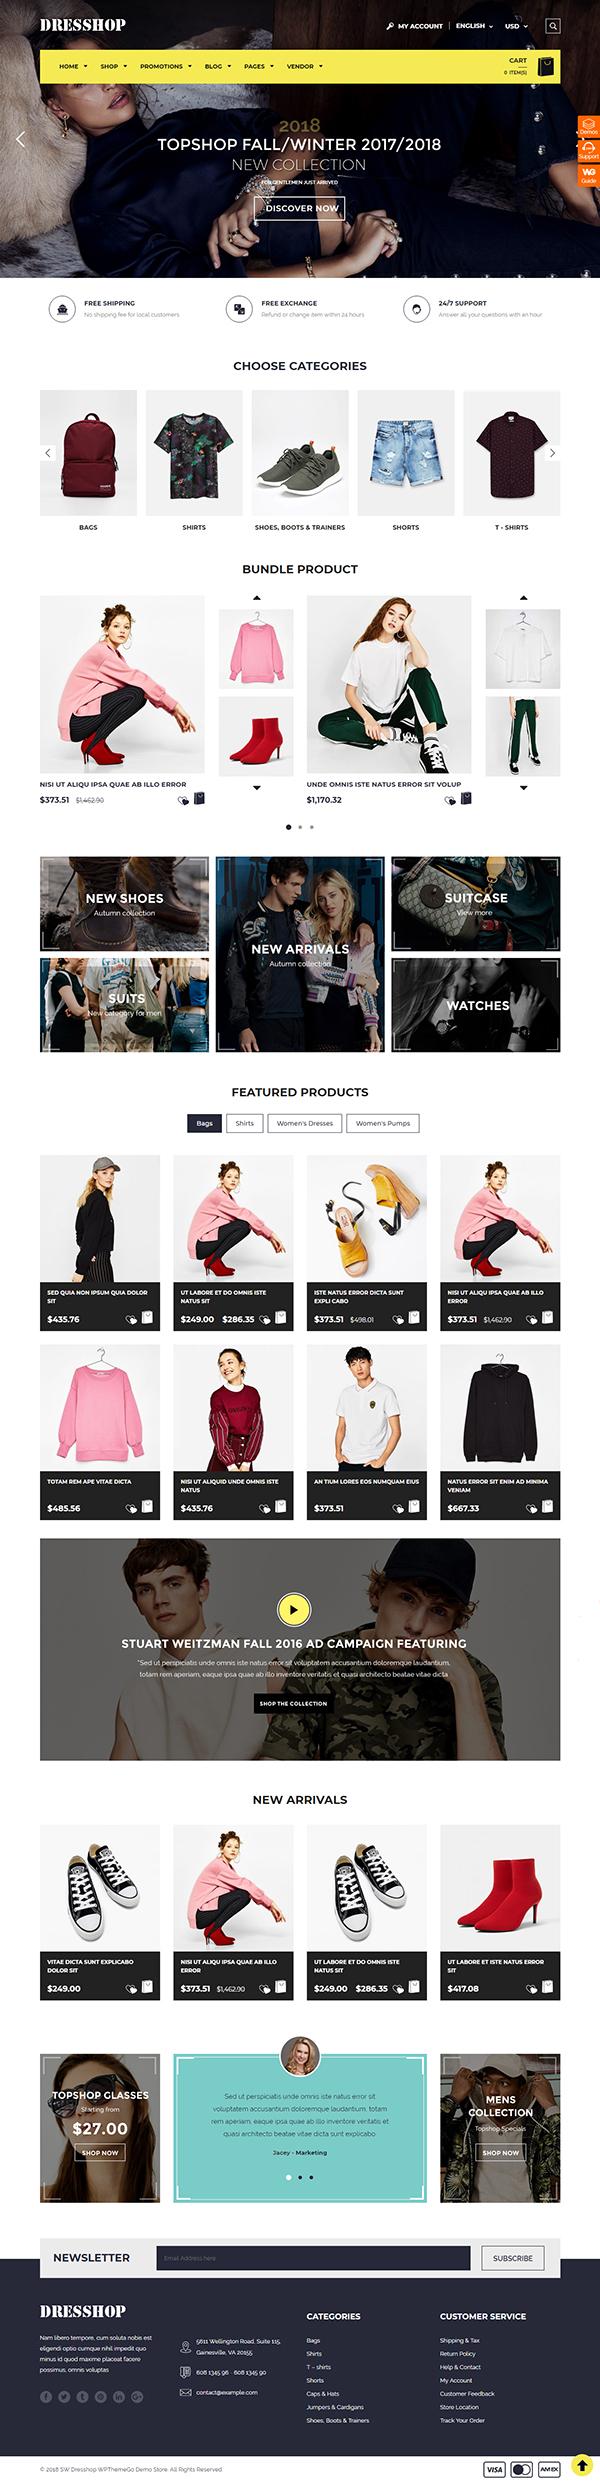 DresShop - Fashion WooCommerce Theme